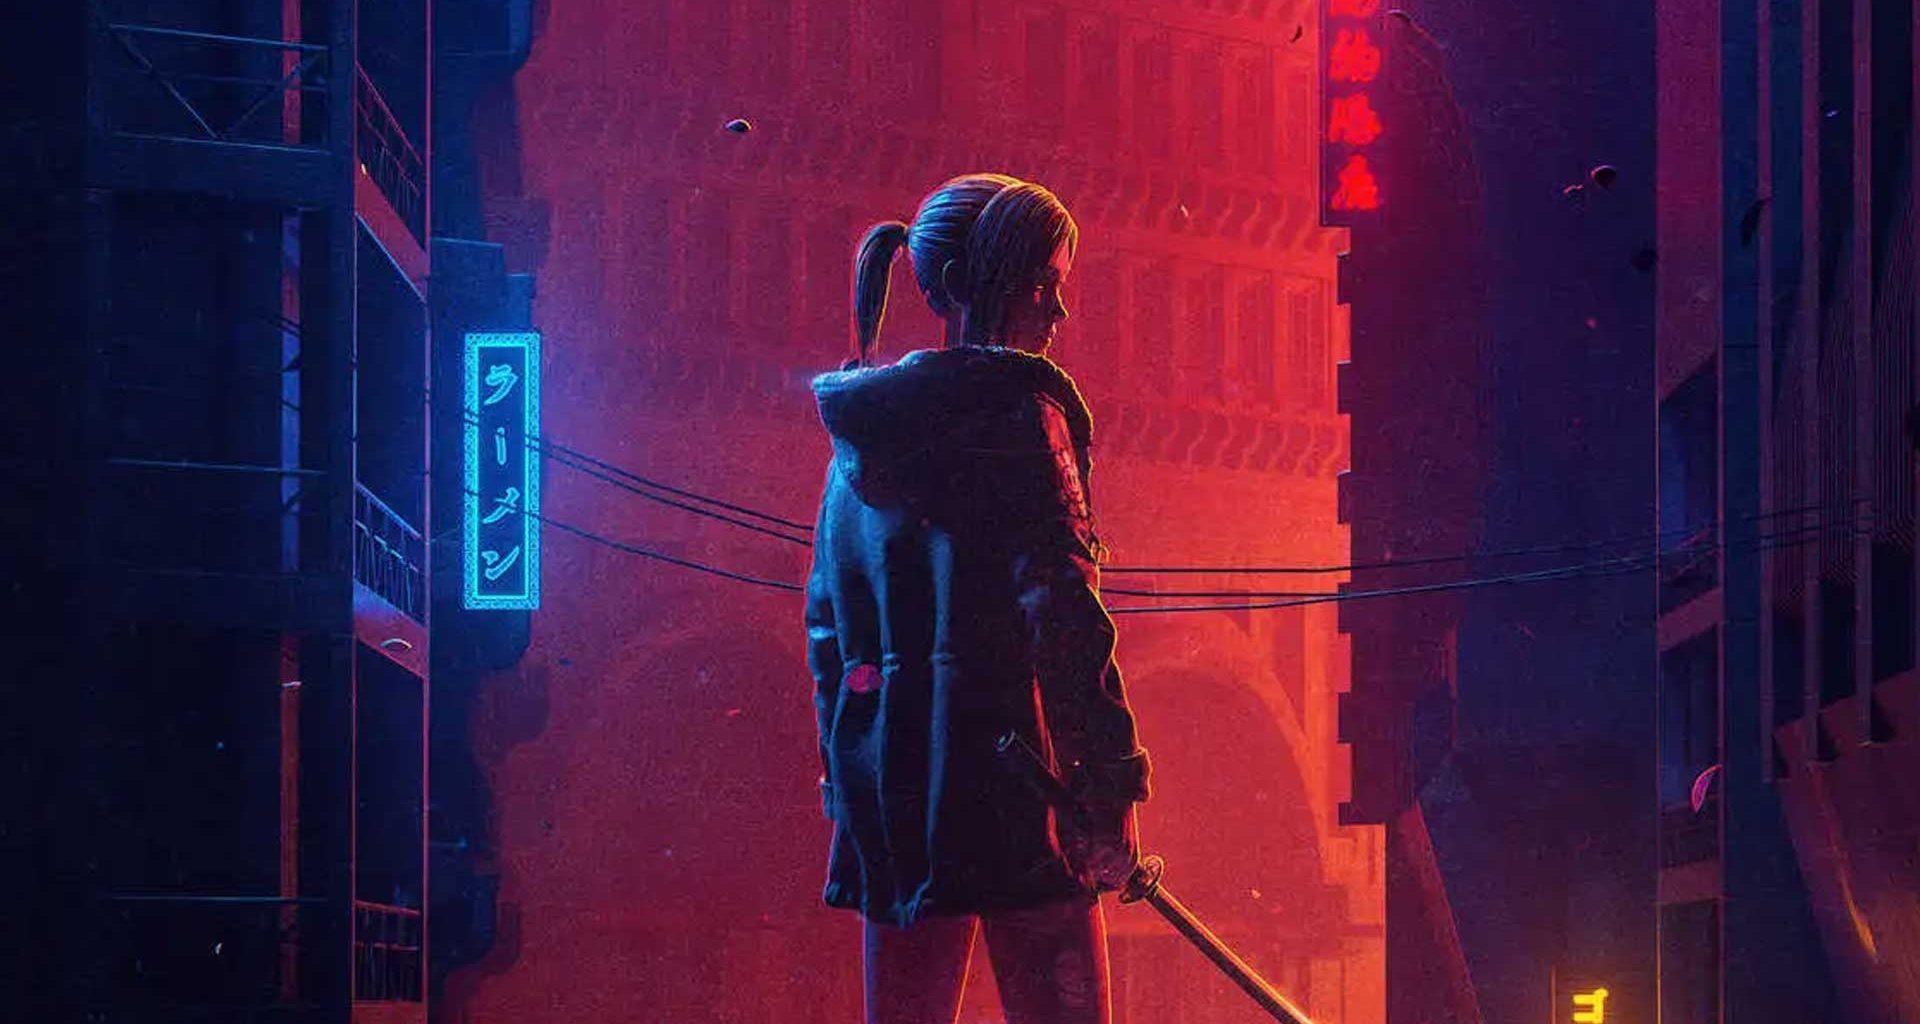 Blade Runner Black Lotus Crunchyroll Anime CDL 1920x1080 01